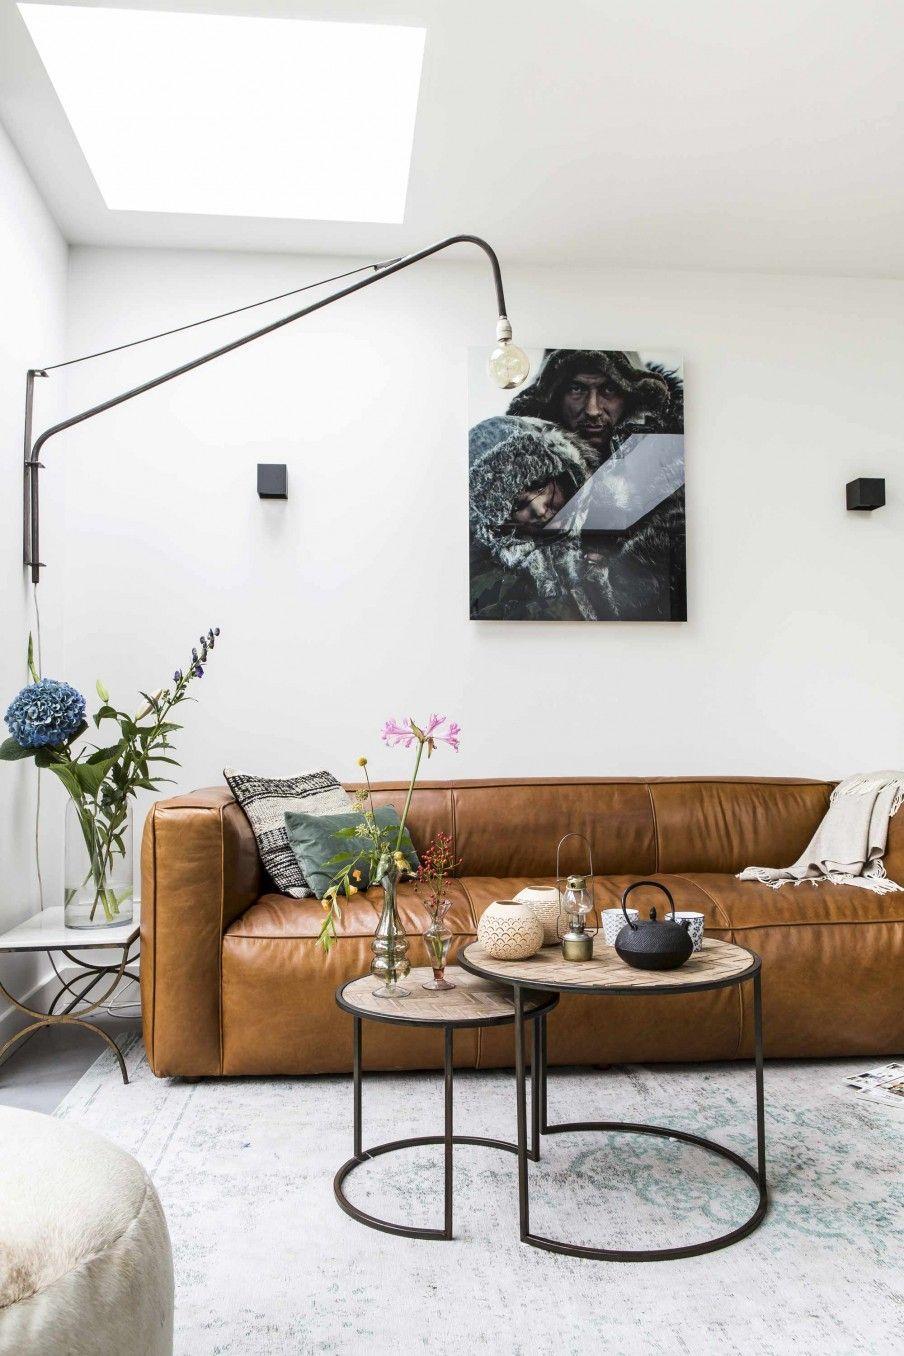 Ronde Leren Bank.Woonkamer Met Bruin Leren Bank En Ronde Tafeltjes Living Room With